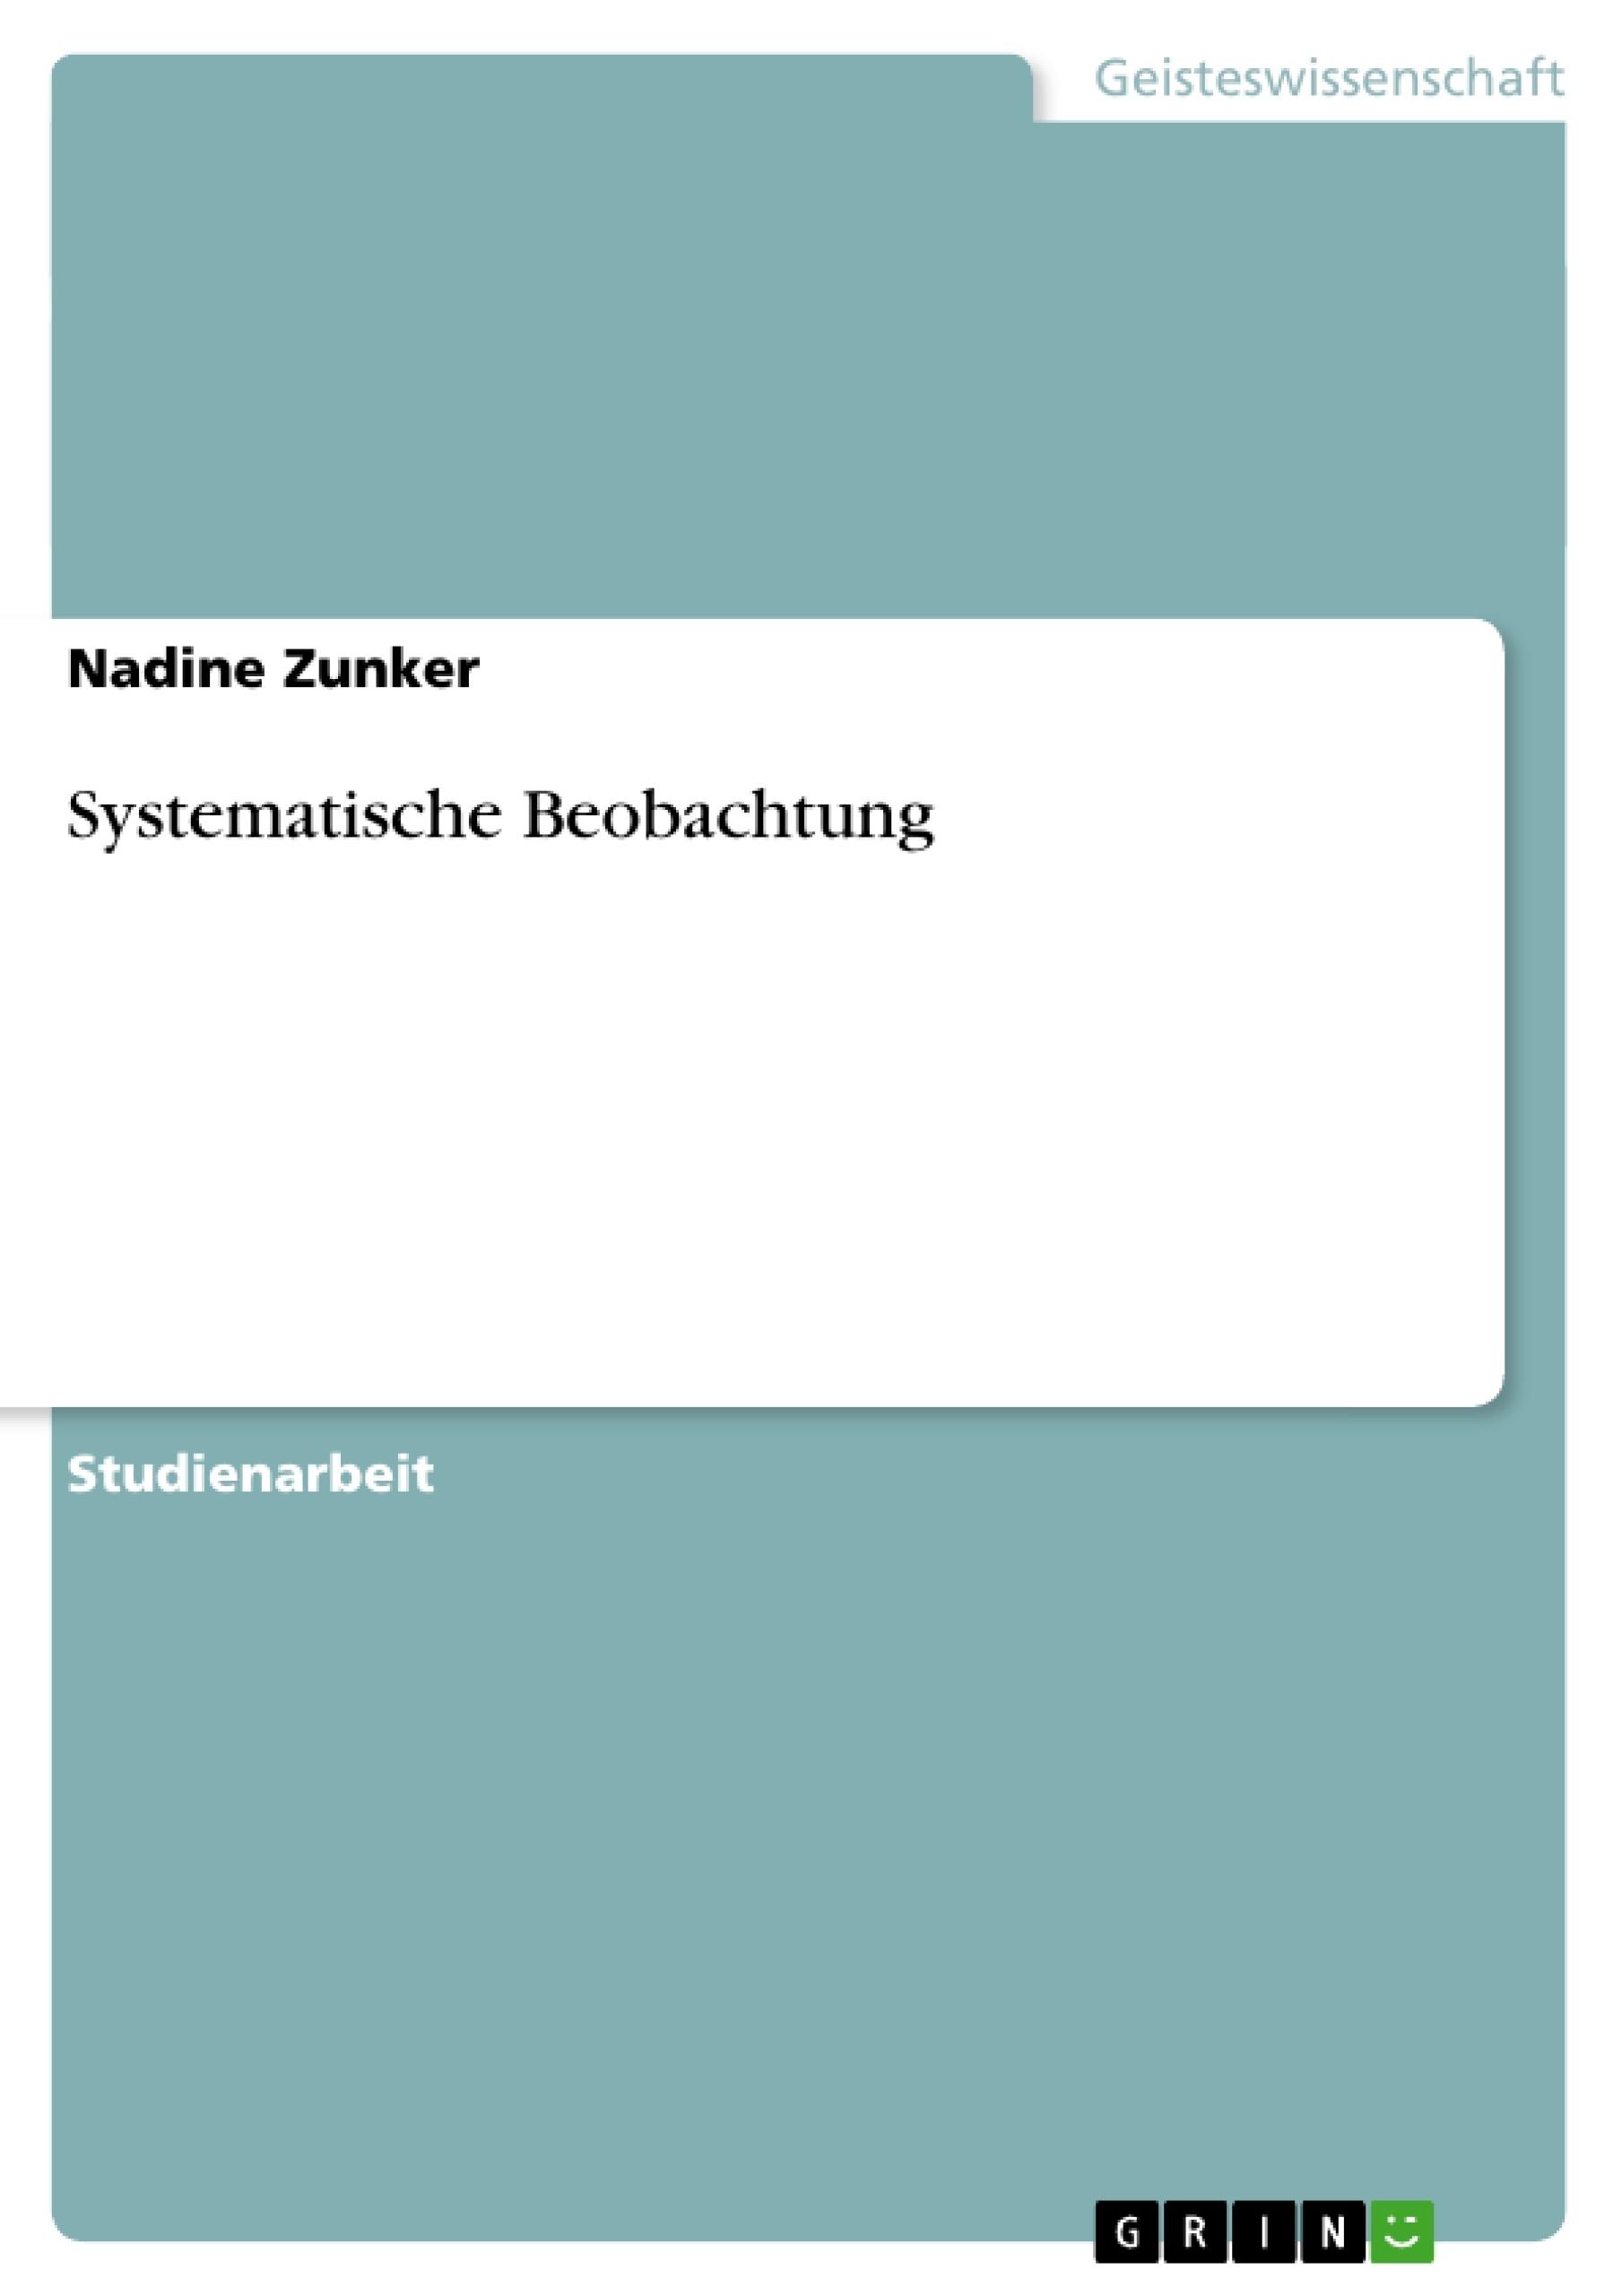 Titel: Systematische Beobachtung